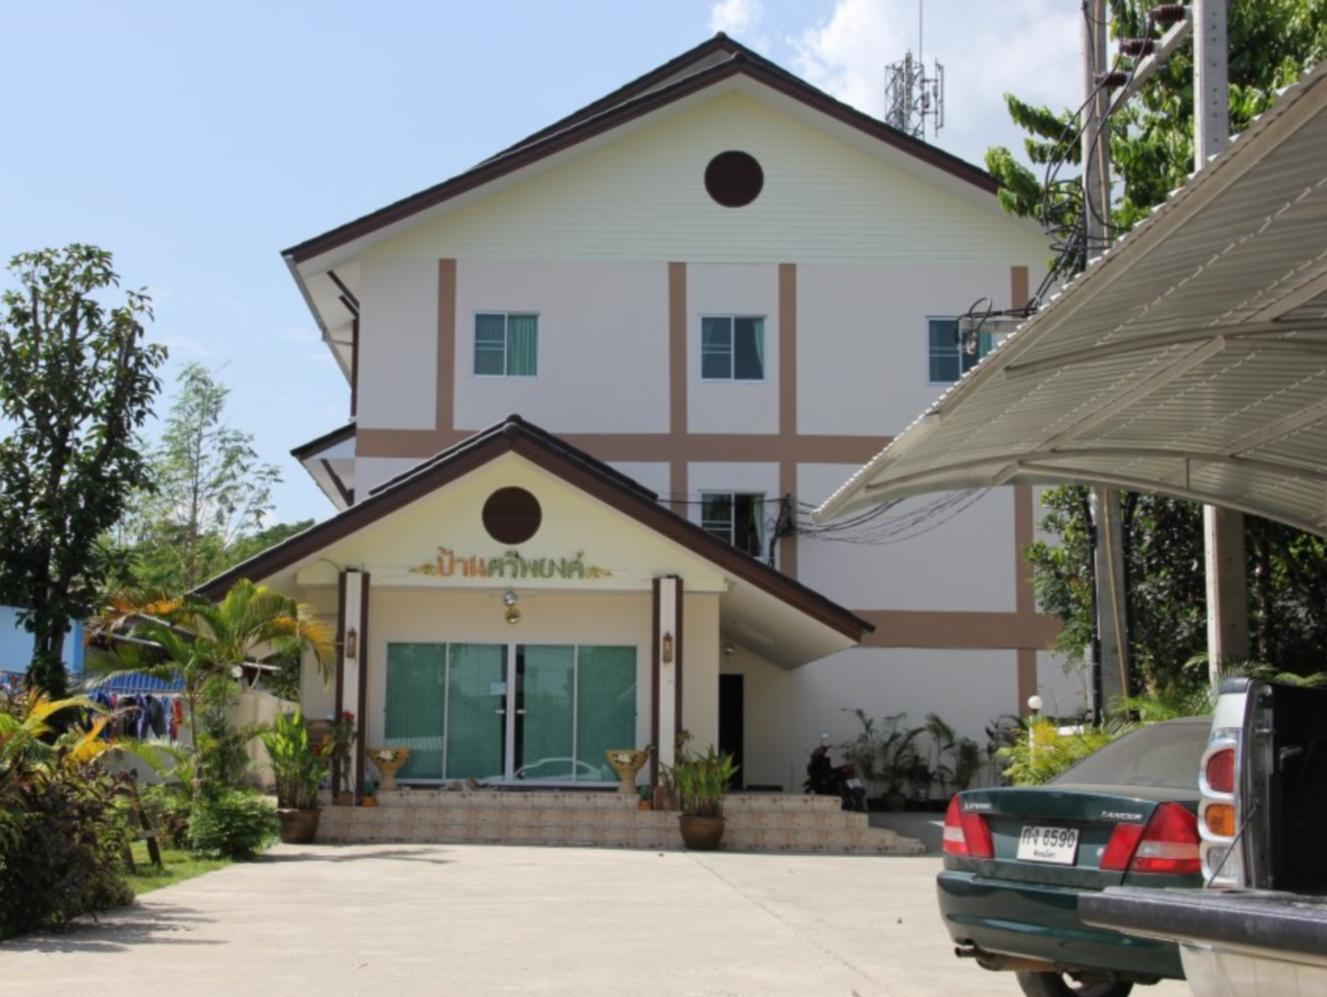 班斯帕勇酒店,บ้านศรีพยงค์